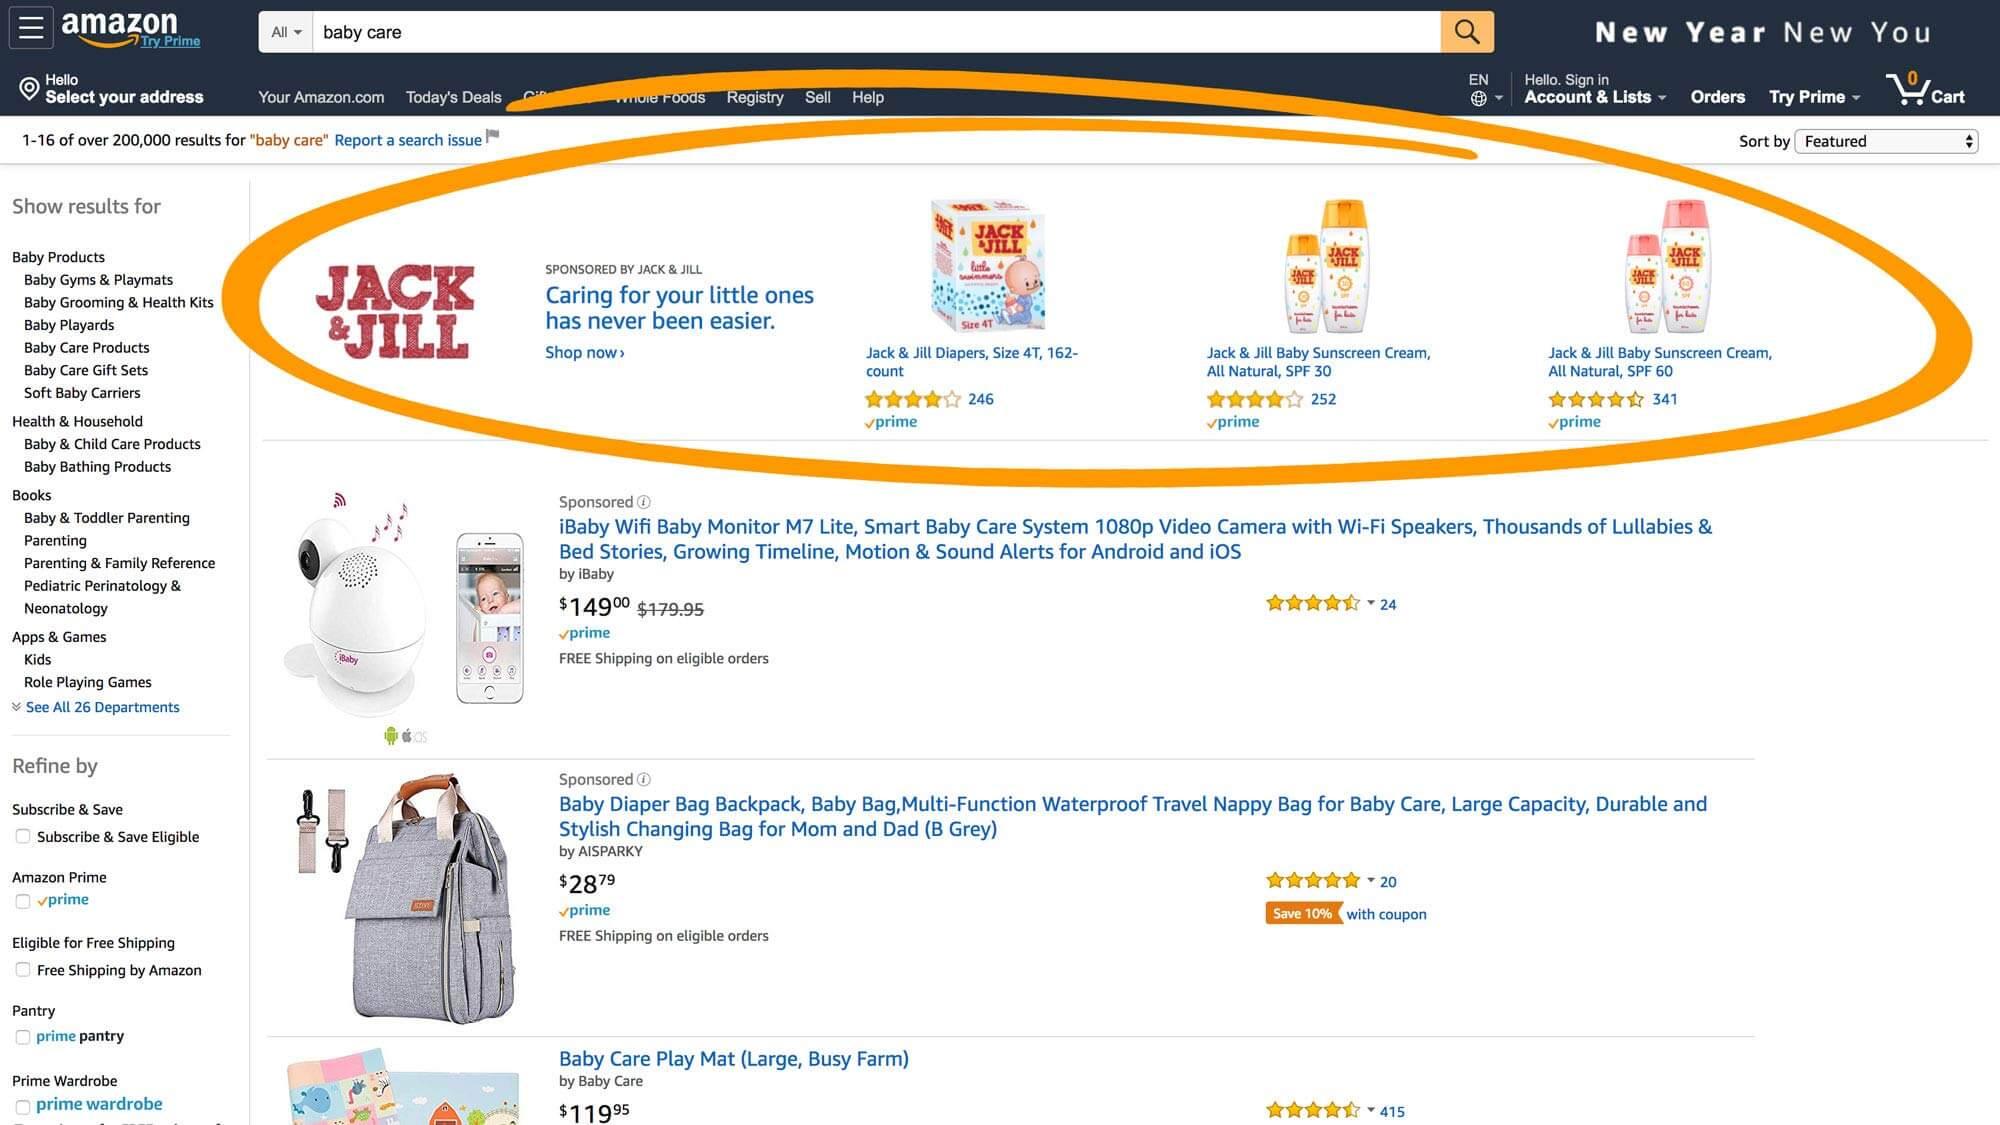 Amazon_Sponosred_Brands_Prime_Day